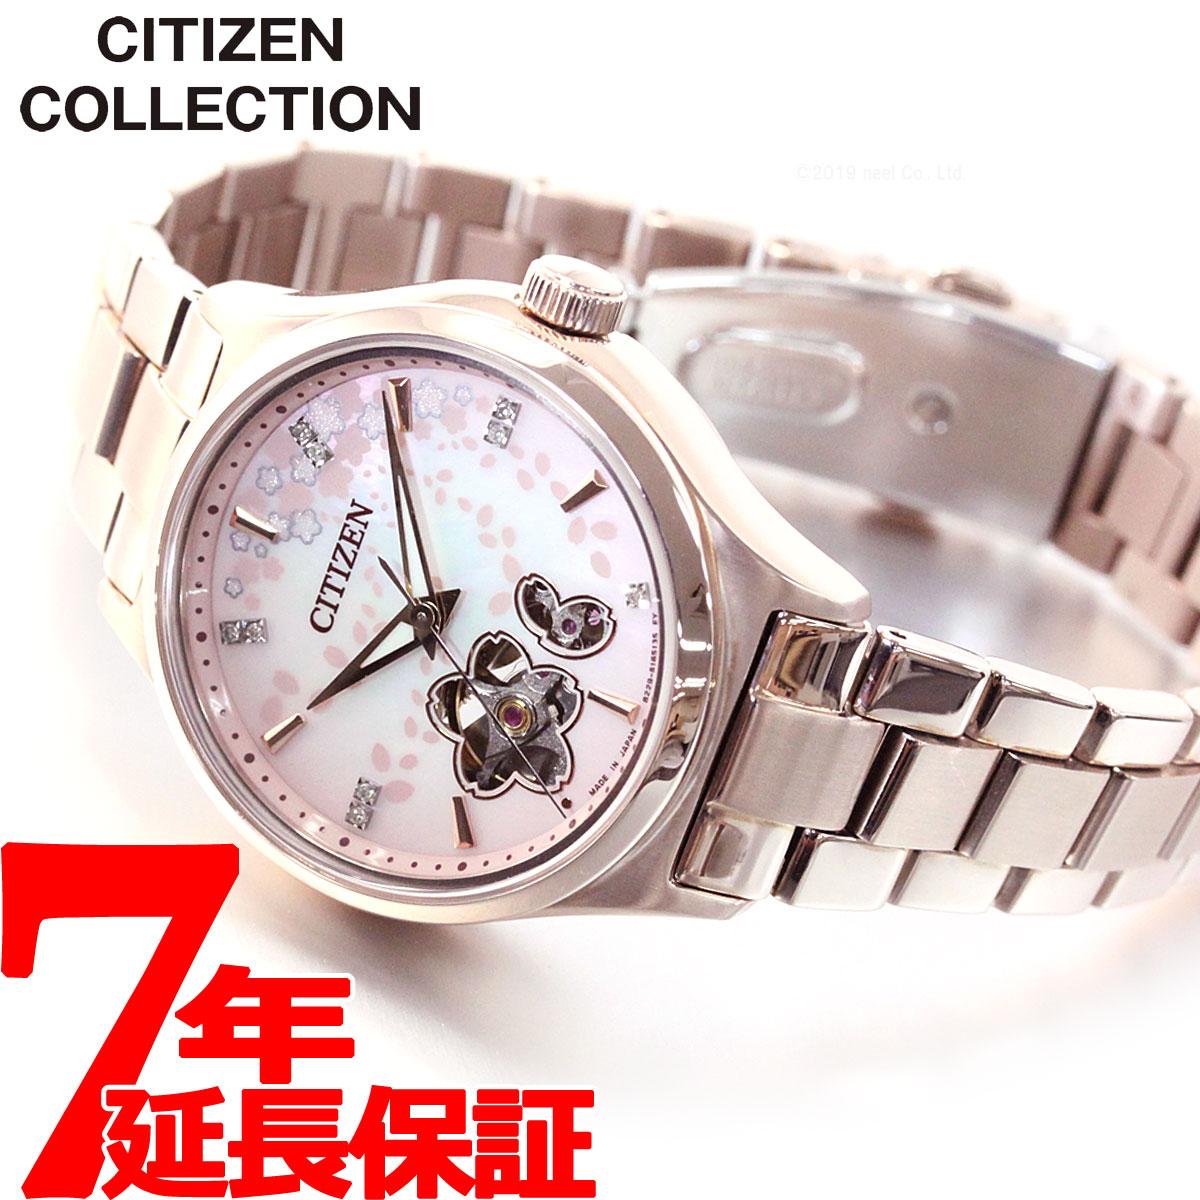 シチズンコレクション CITIZEN COLLECTION メカニカル 自動巻き 機械式 限定モデル 零れ桜 腕時計 レディース PC1004-63W【2020 新作】